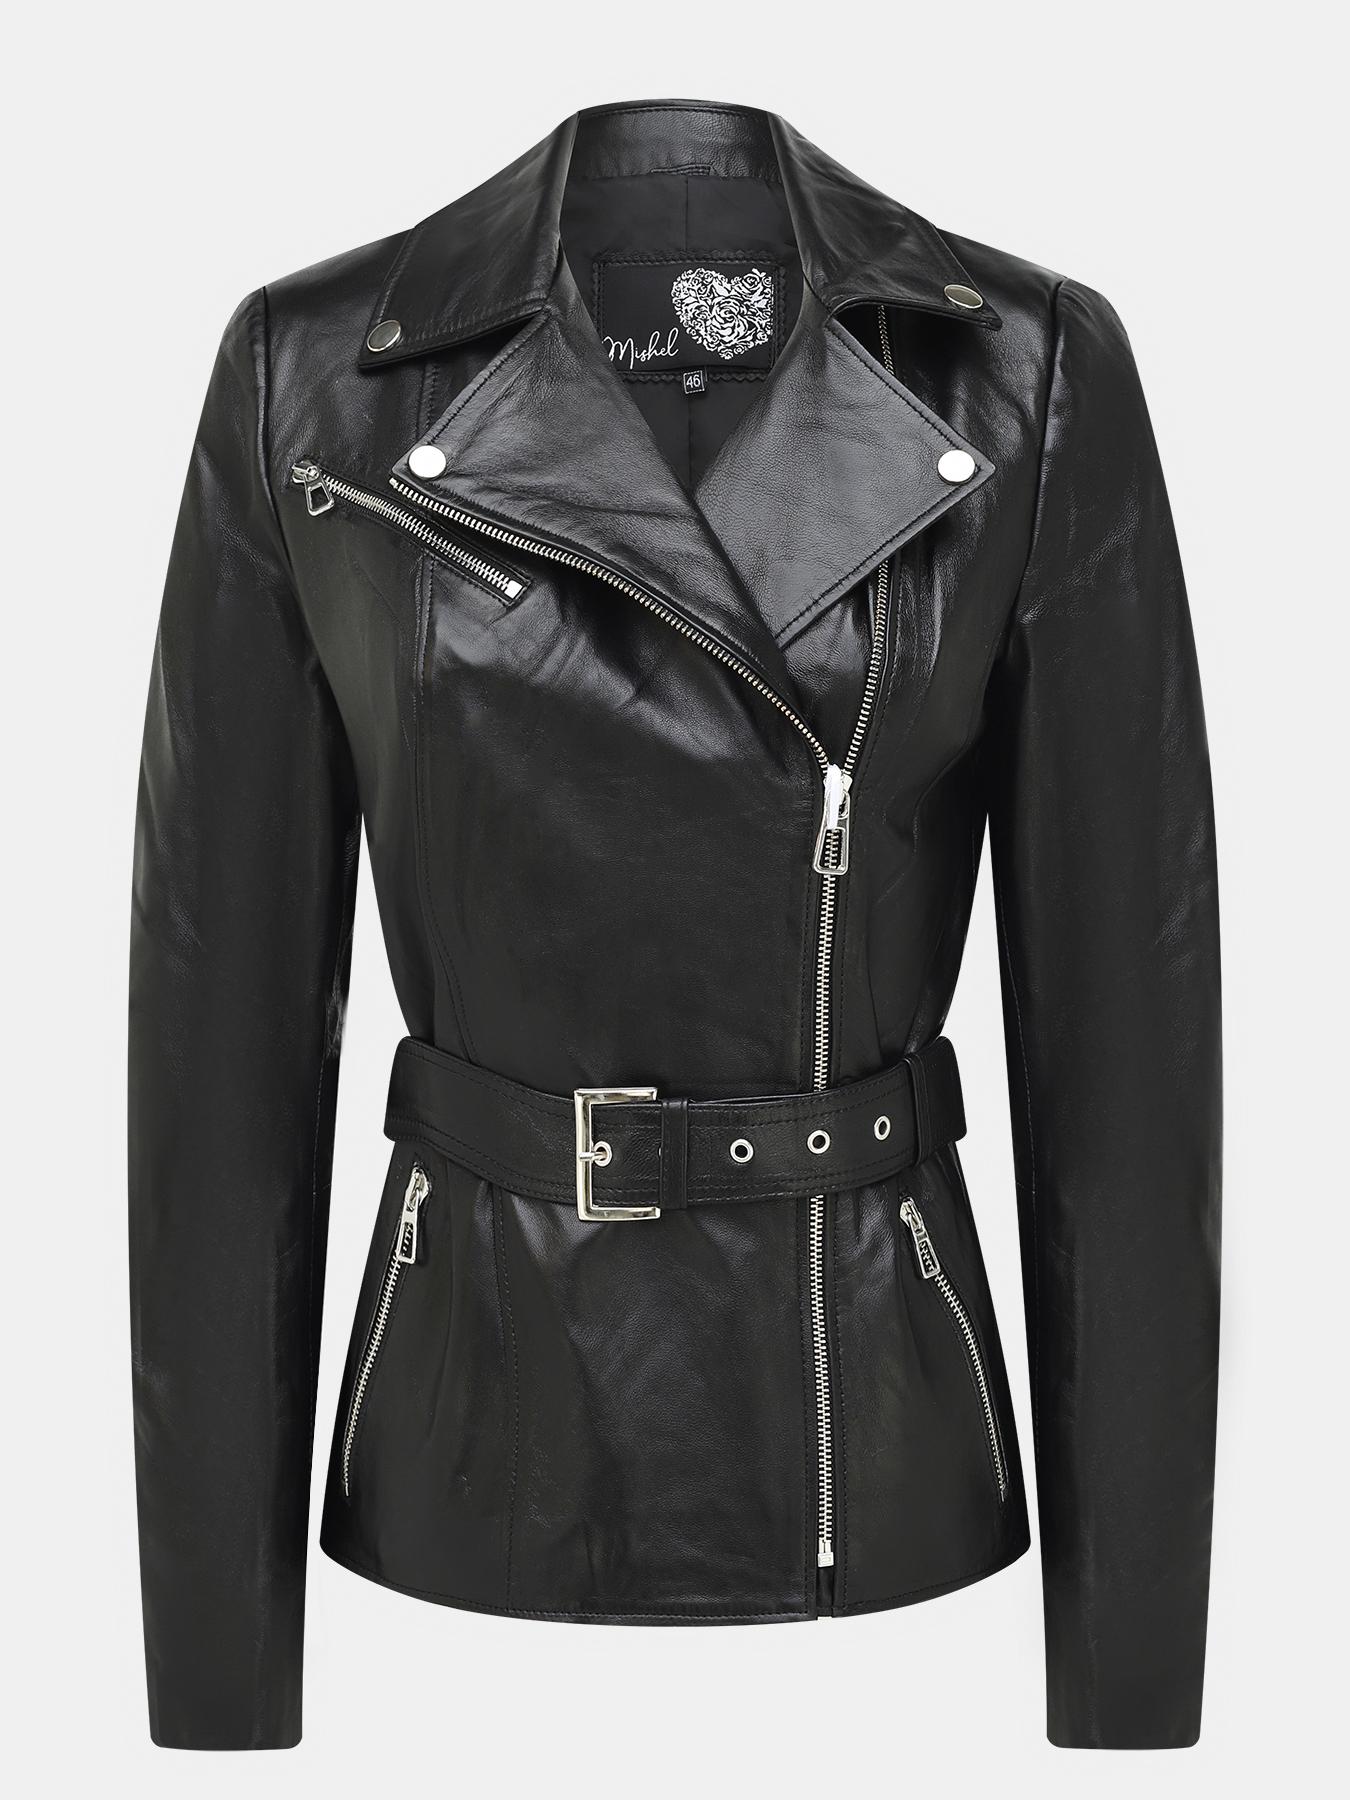 Фото - Кожаные куртки MISHEL Кожаная куртка кожаная куртка mauritius кожаная куртка